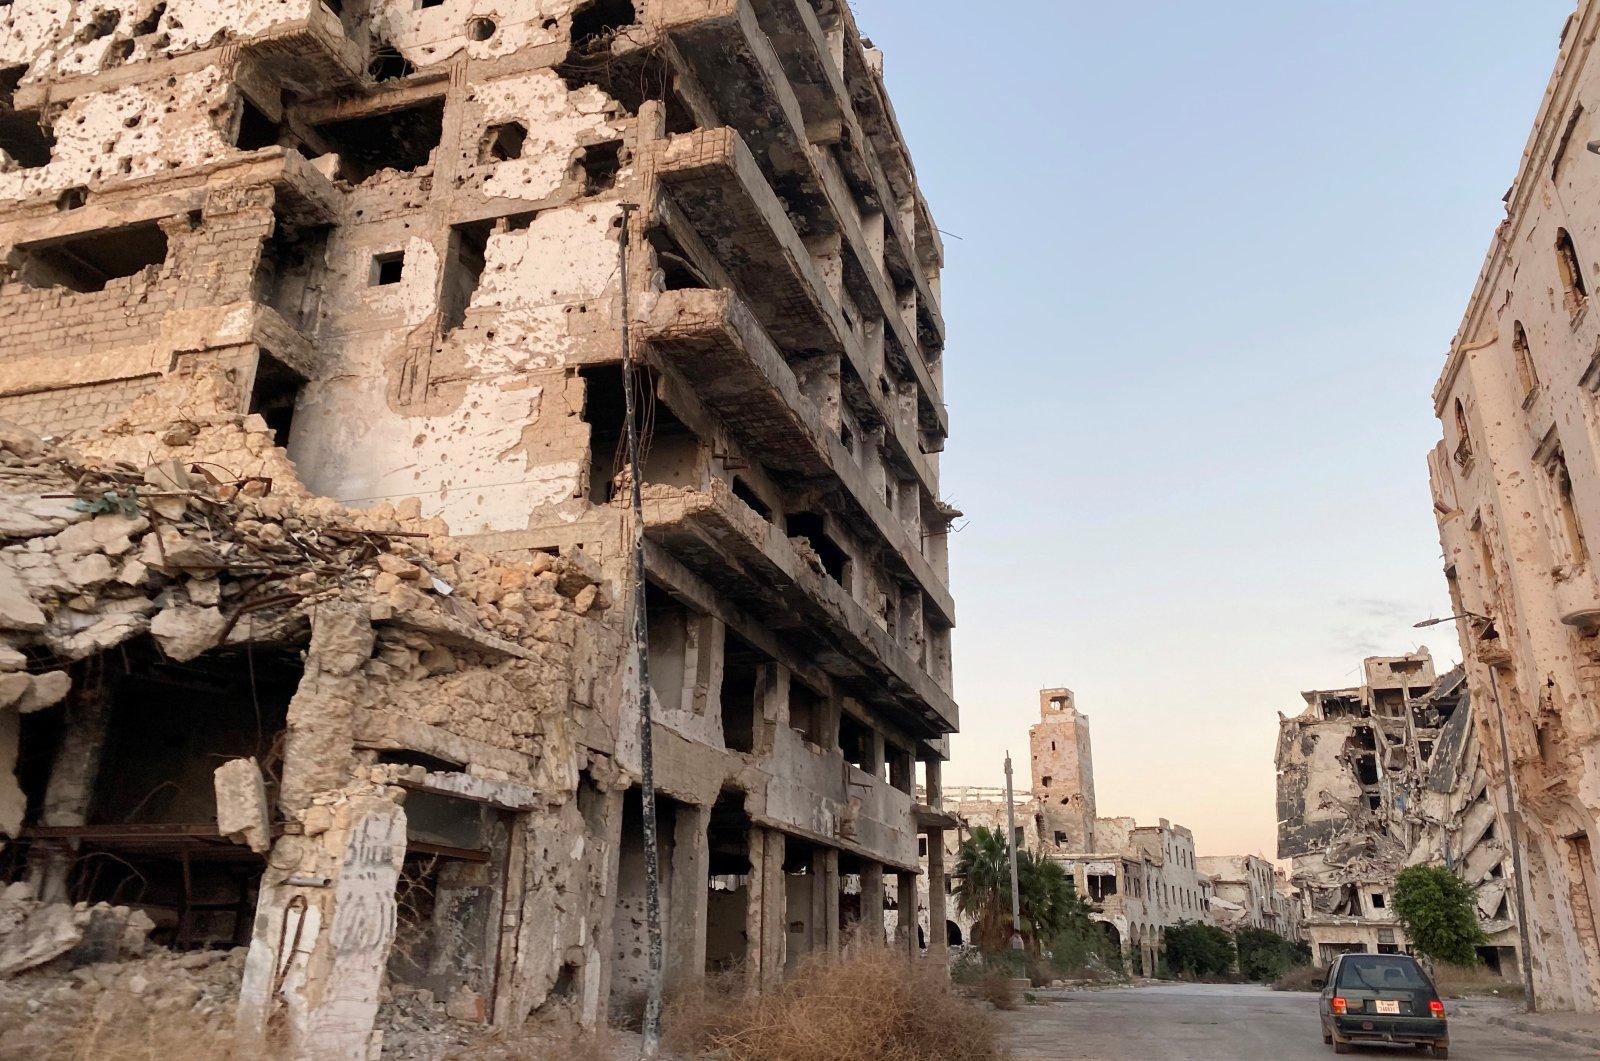 A car sits between destroyed buildings in Benghazi, Libya, Nov. 23, 2020. (Reuters Photo)